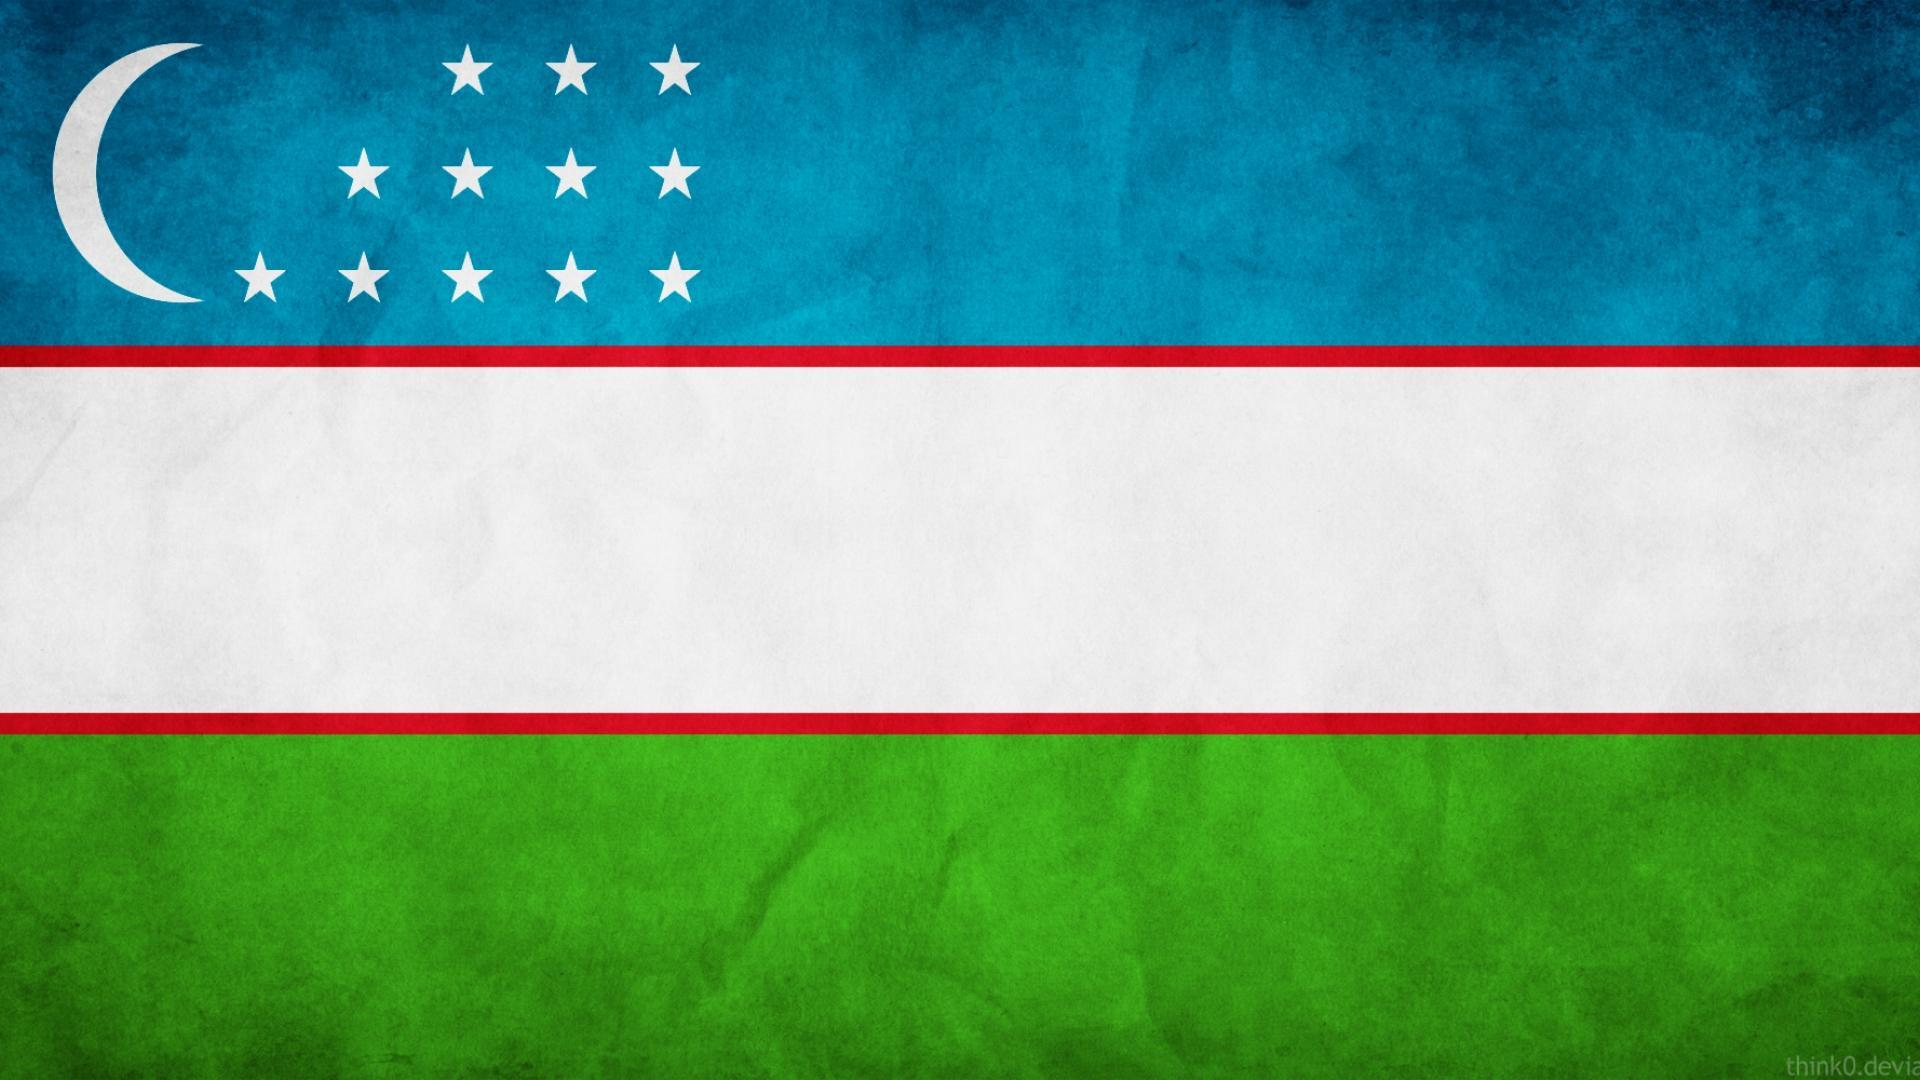 Uzbekistan Flag wallpaper other Wallpaper Better 1920x1080